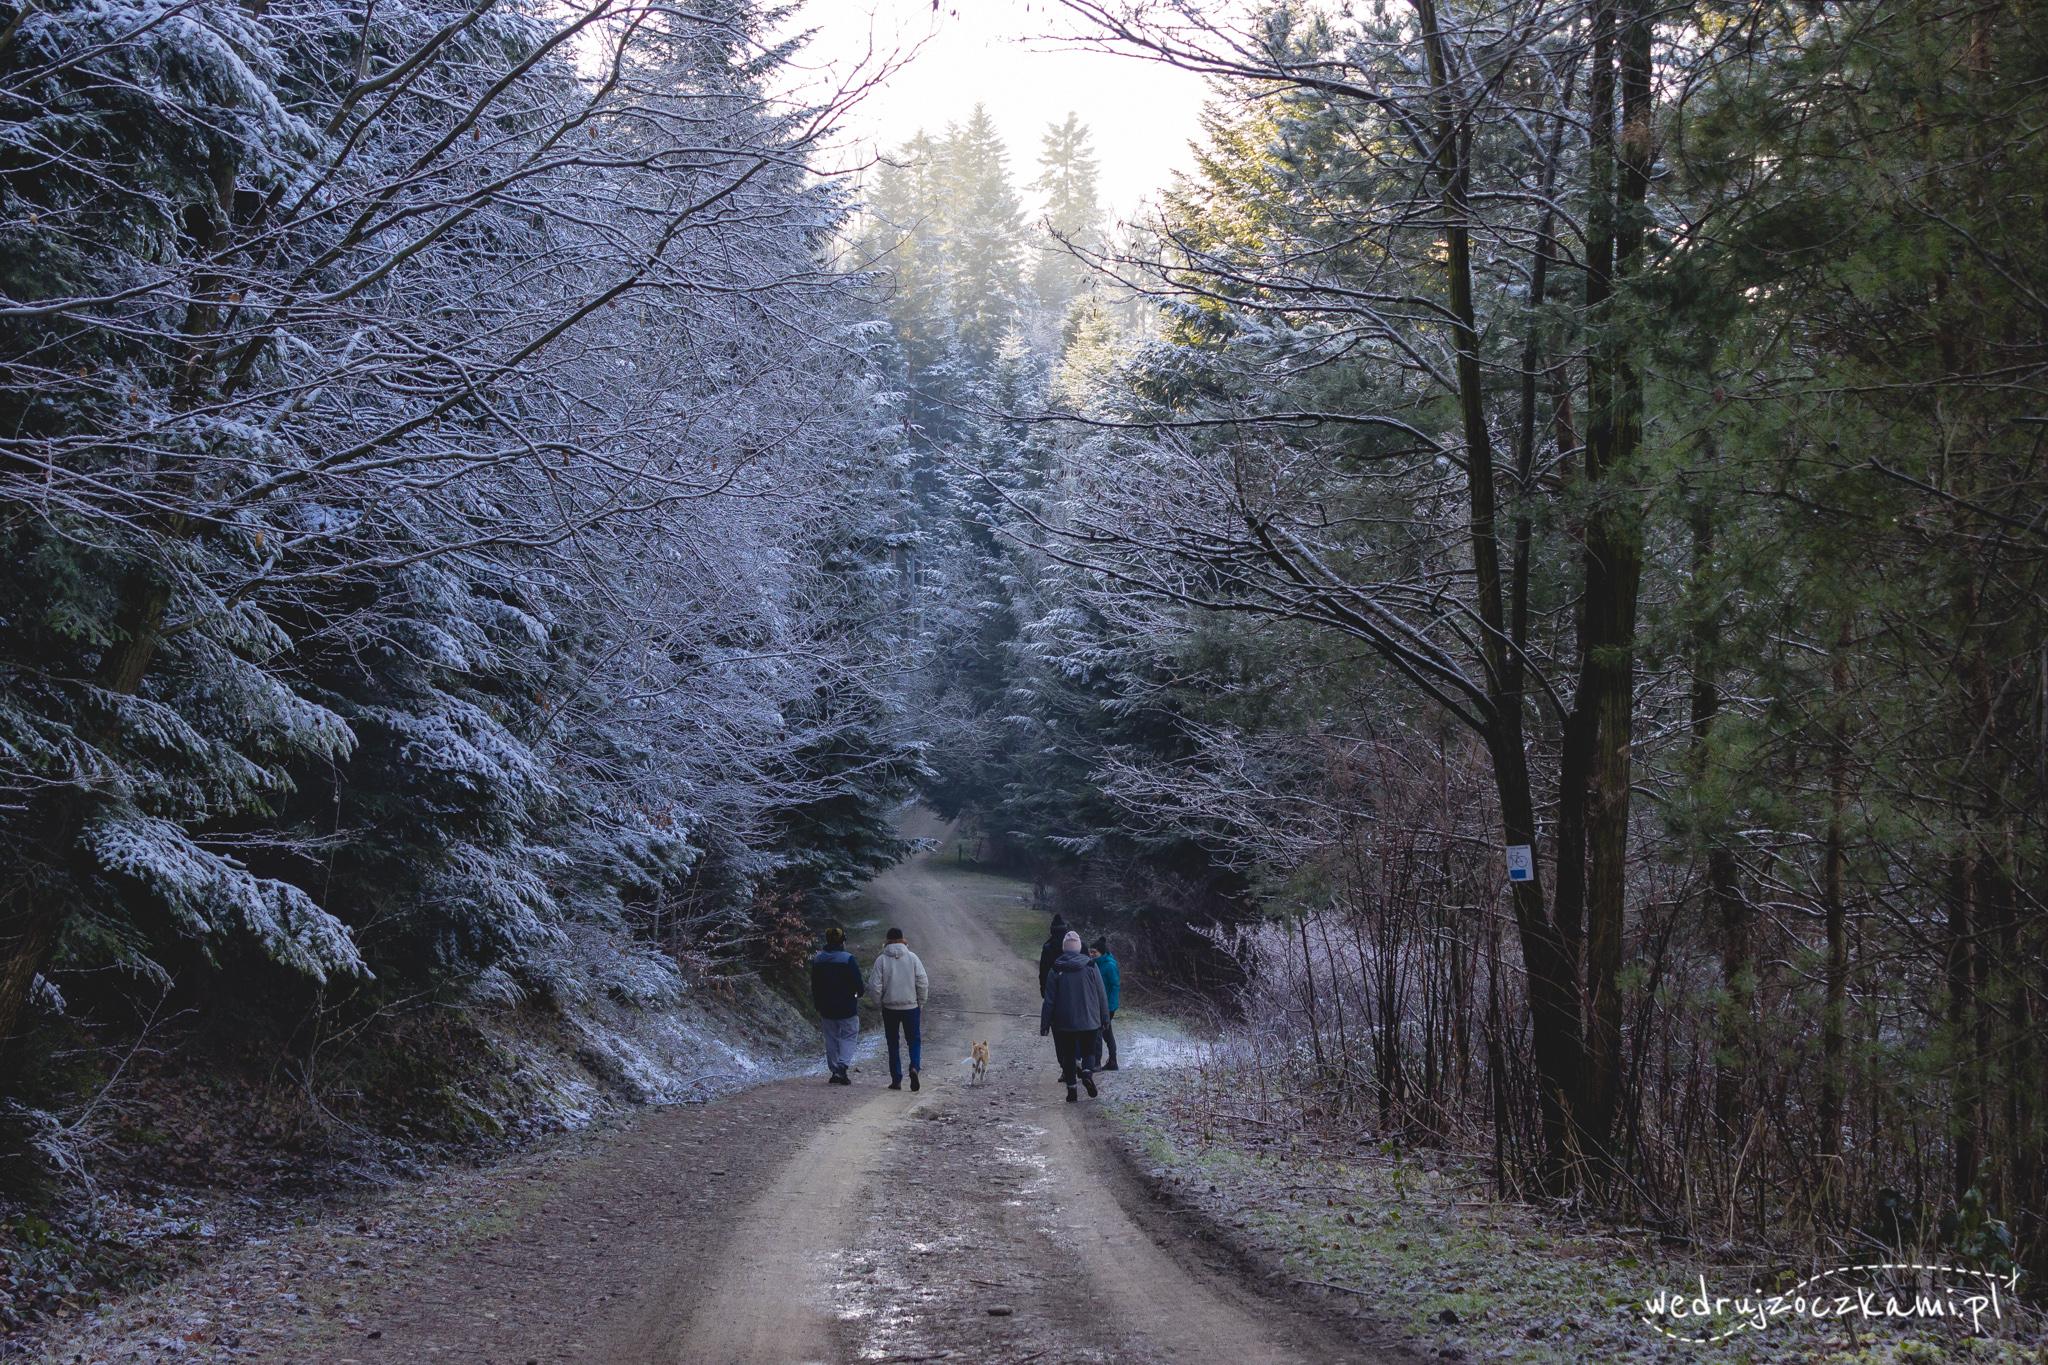 W sobotę rano zastał nas lekki mróz i oszronione drzewa, całość prezentowała się świetnie :)